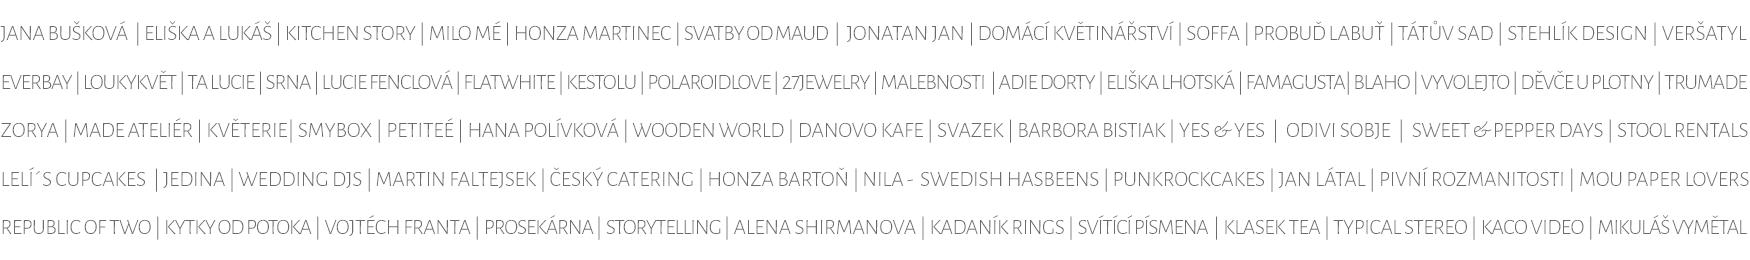 seznam-vystavovatelů-web-2017-II-verze